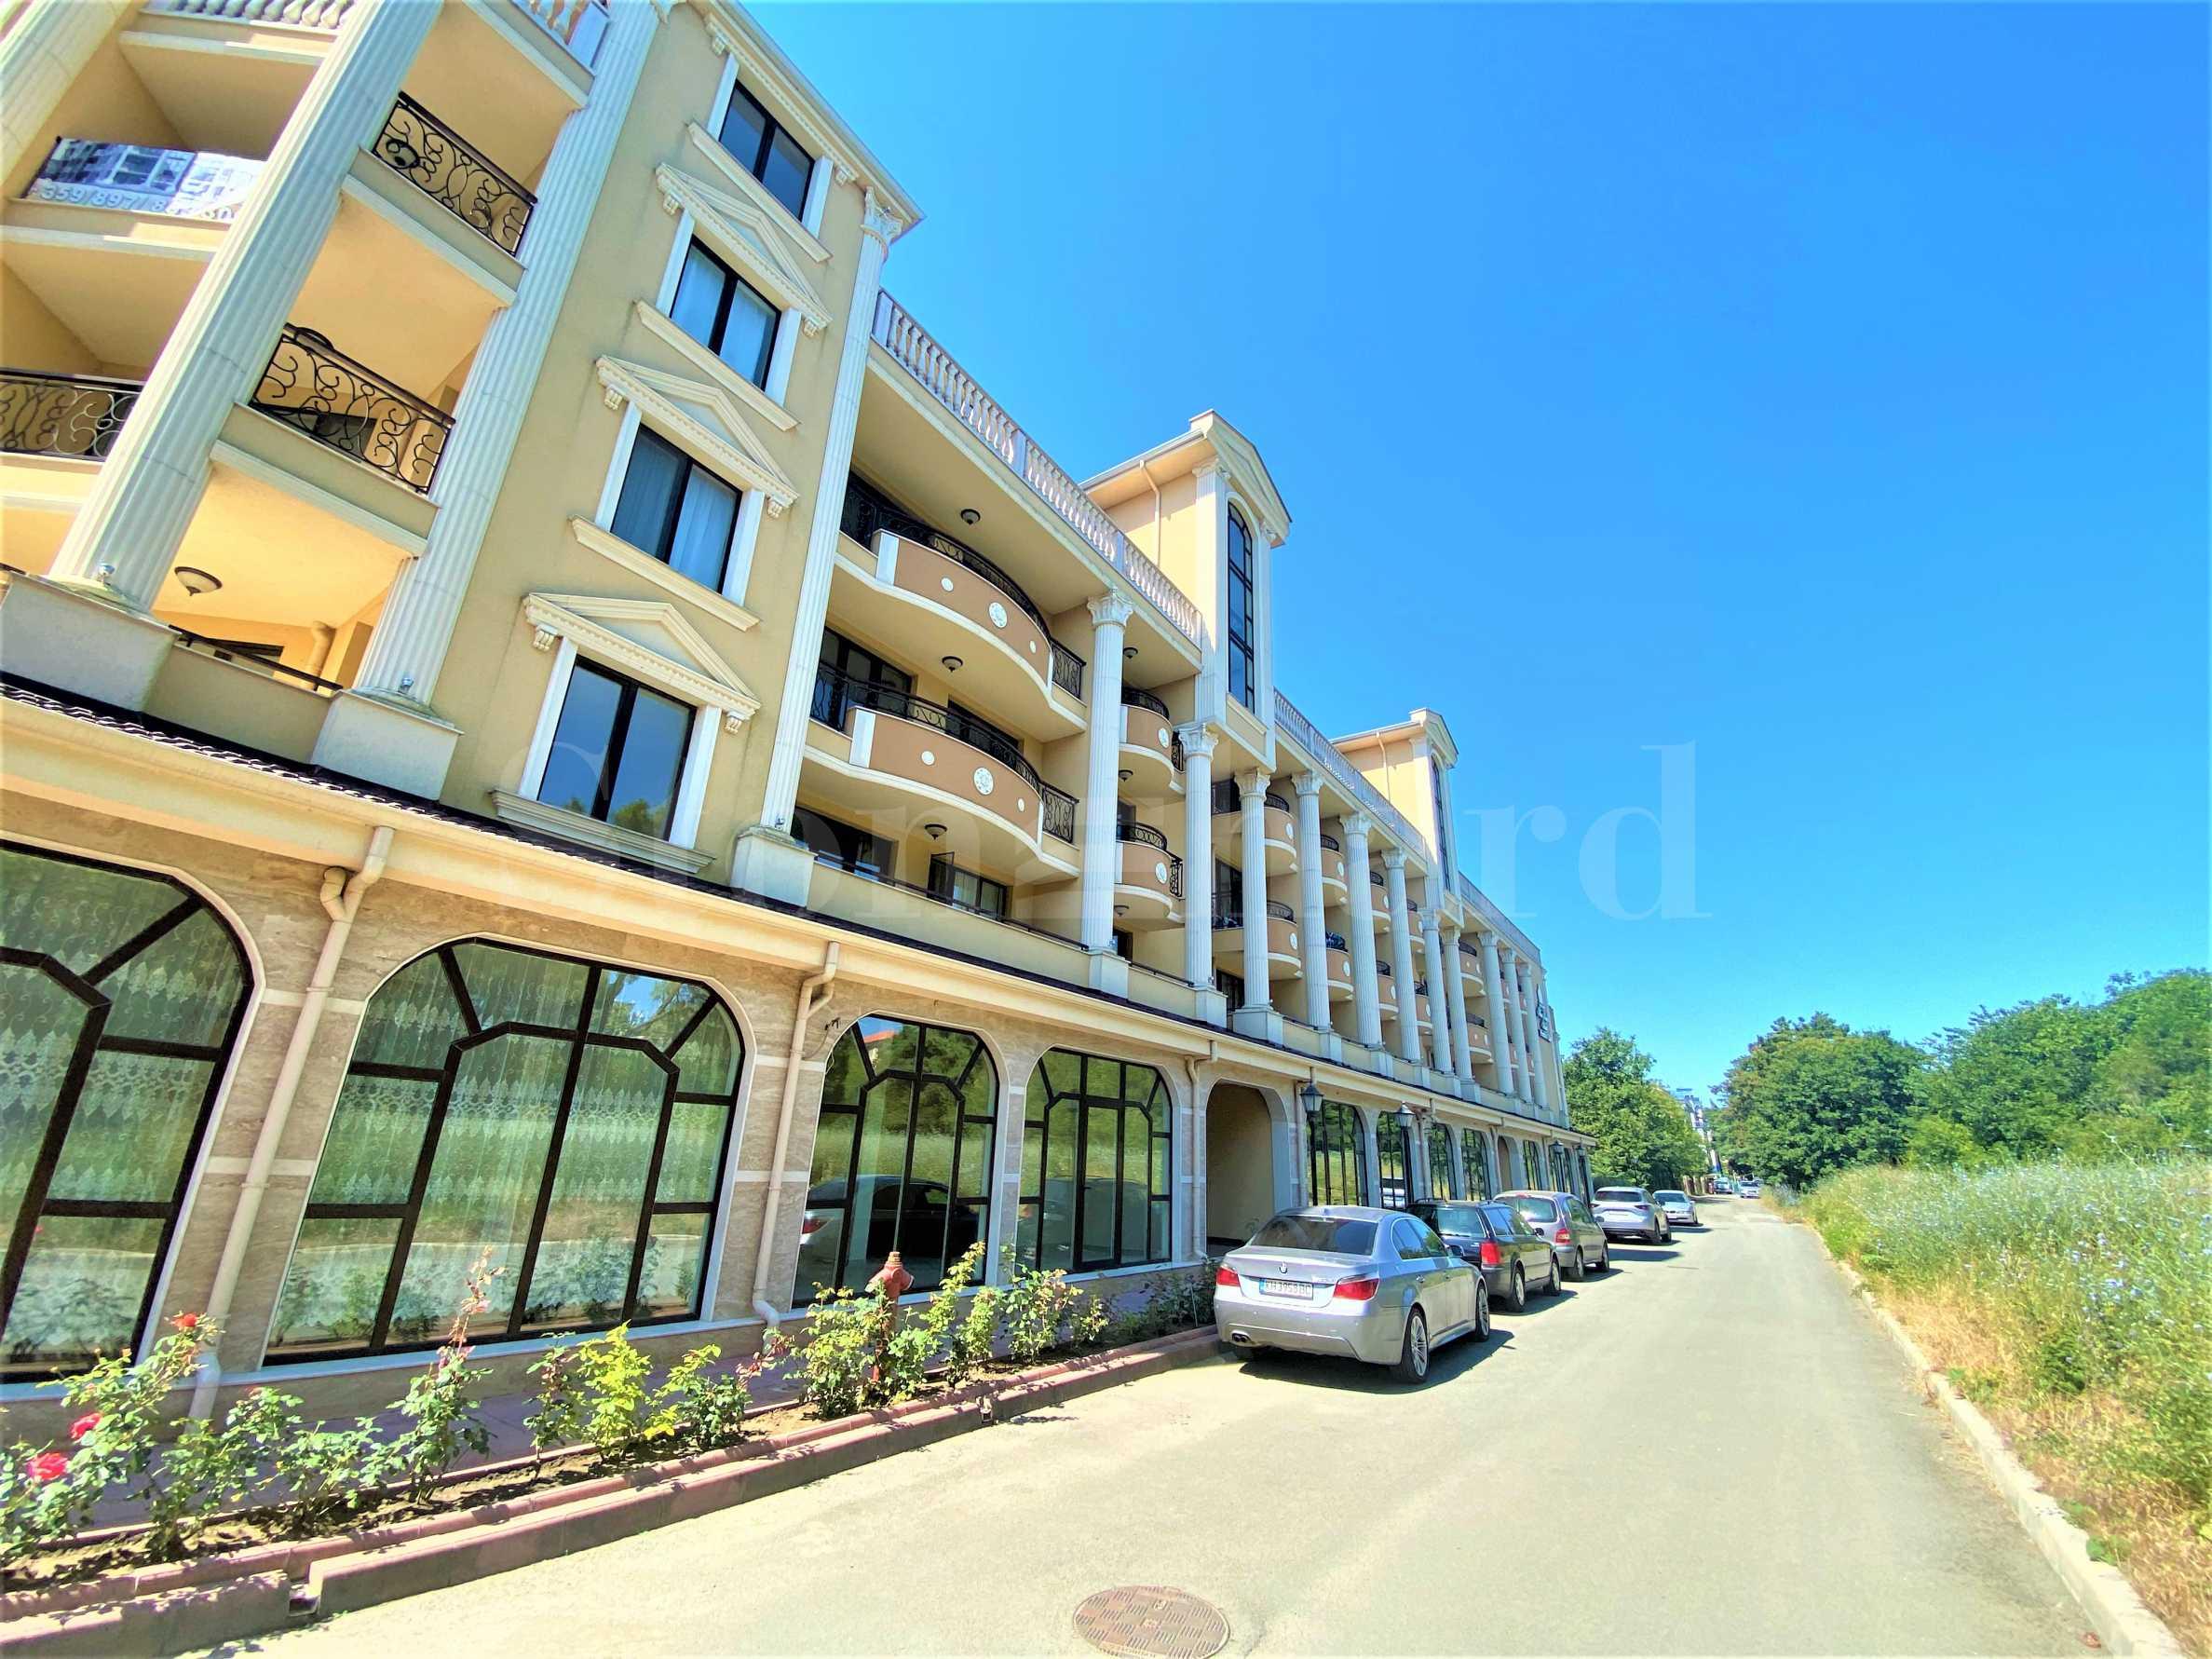 Елитен морски комплекс с апартаменти на минути от плажа2 - Stonehard